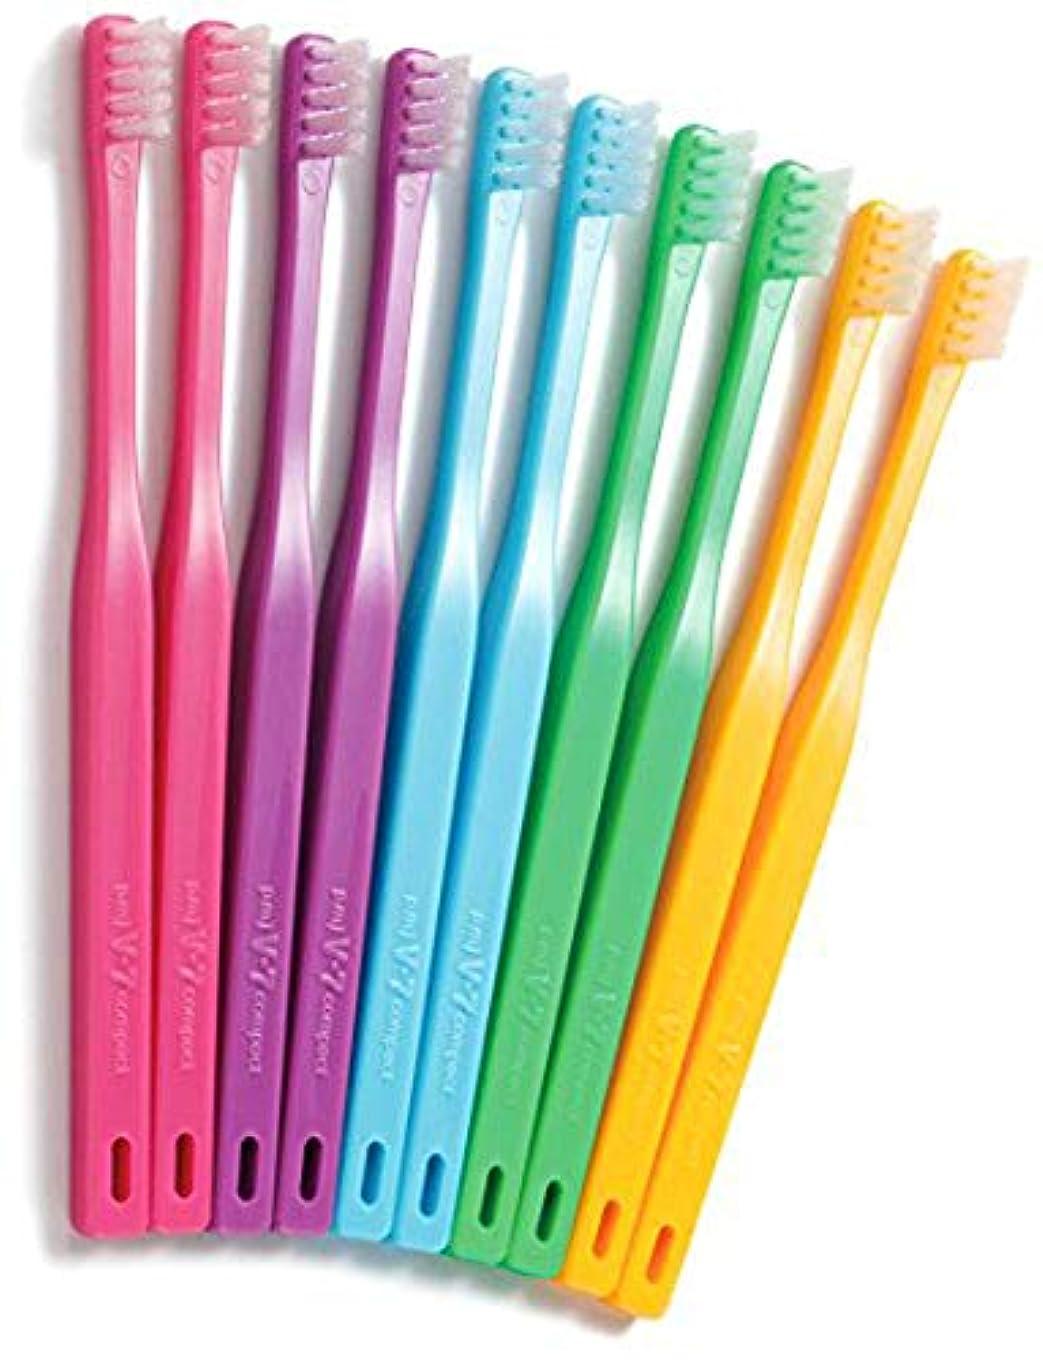 かび臭い外観病気だと思うつまようじ法歯ブラシ V-7 コンパクトヘッド ビビッドカラー 5本